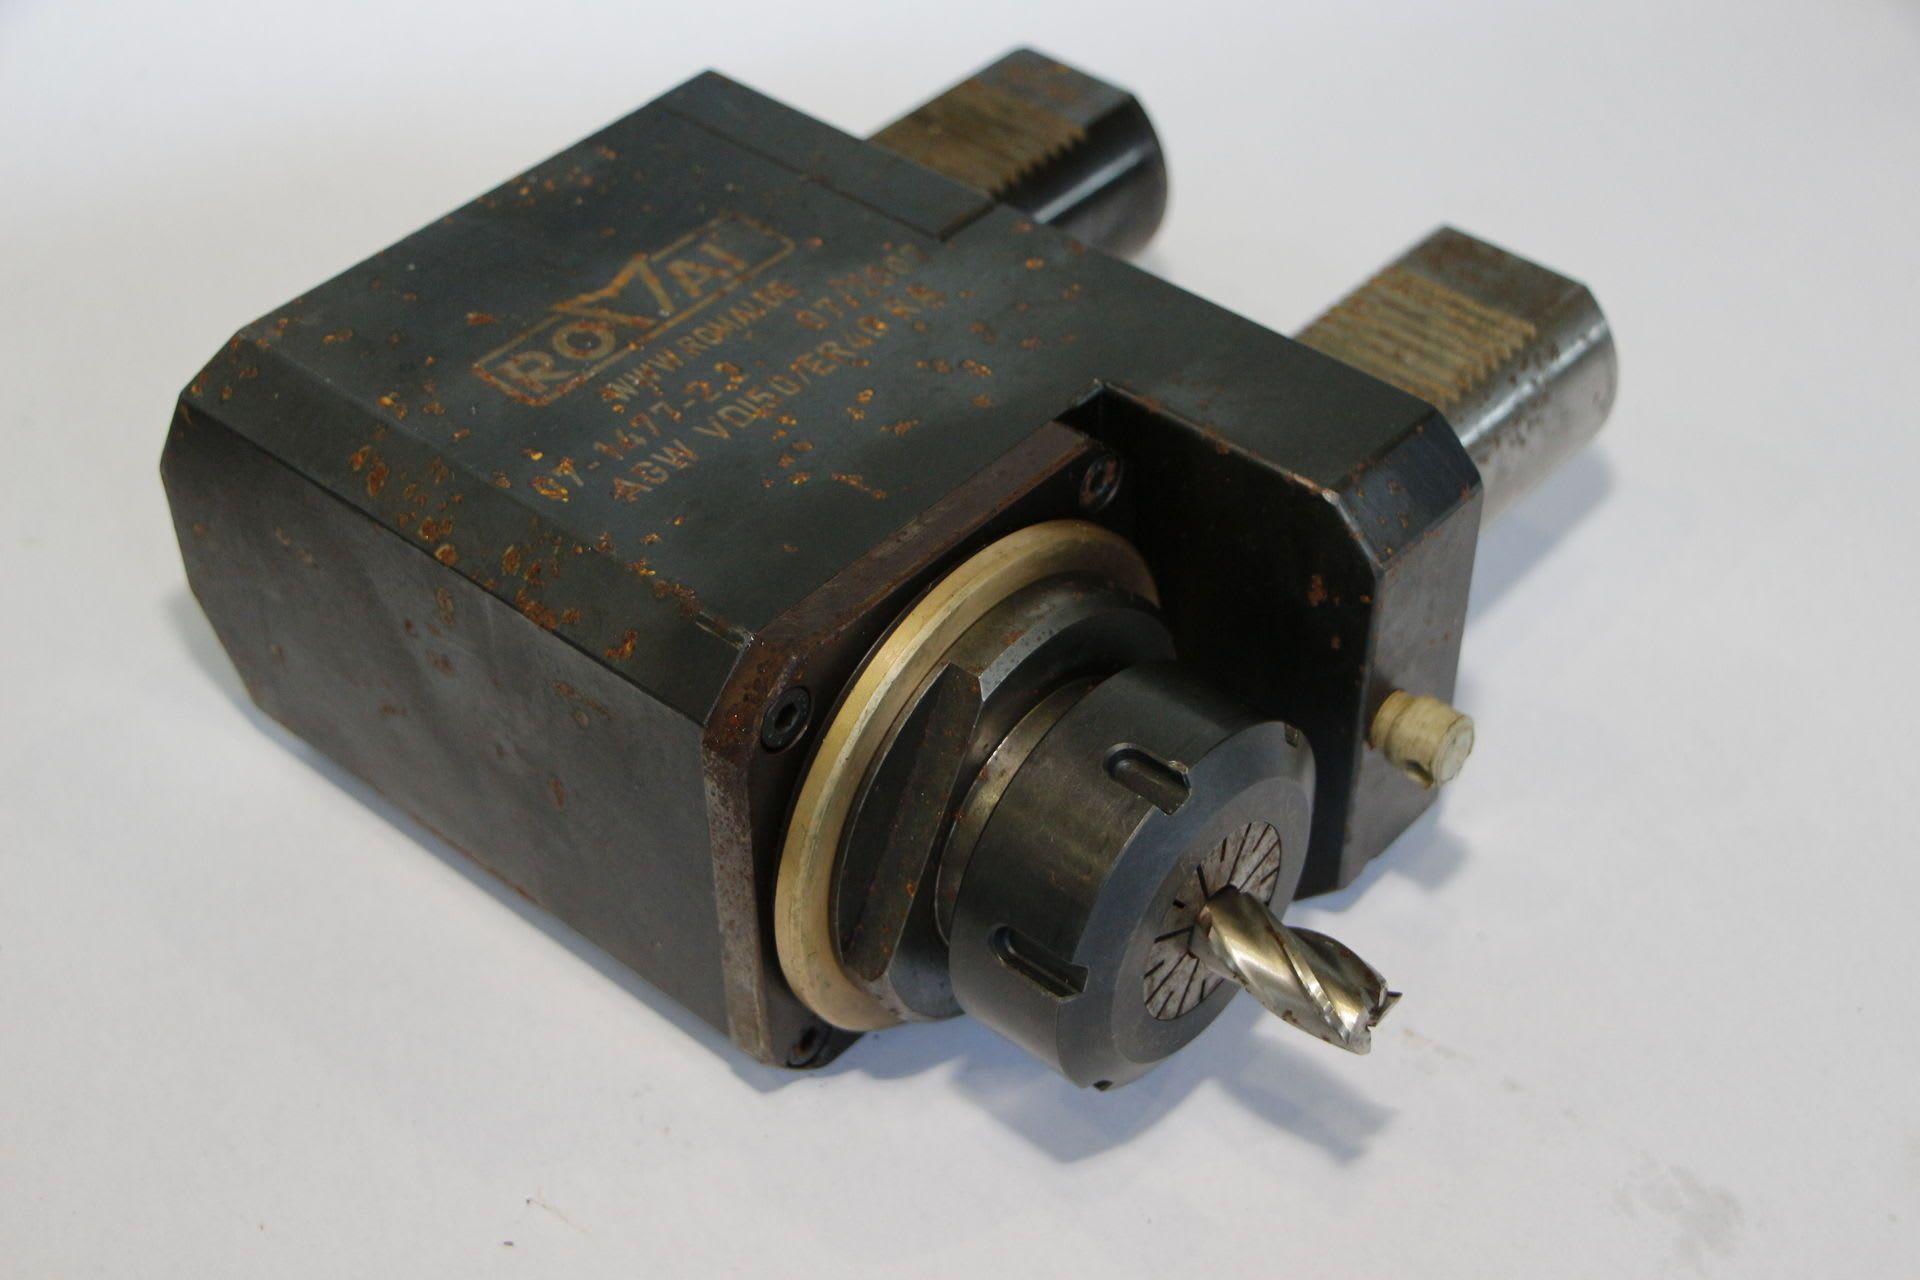 ROMAI AGW VDI 50 / ER 40 RA Angetriebenes Werkzeug